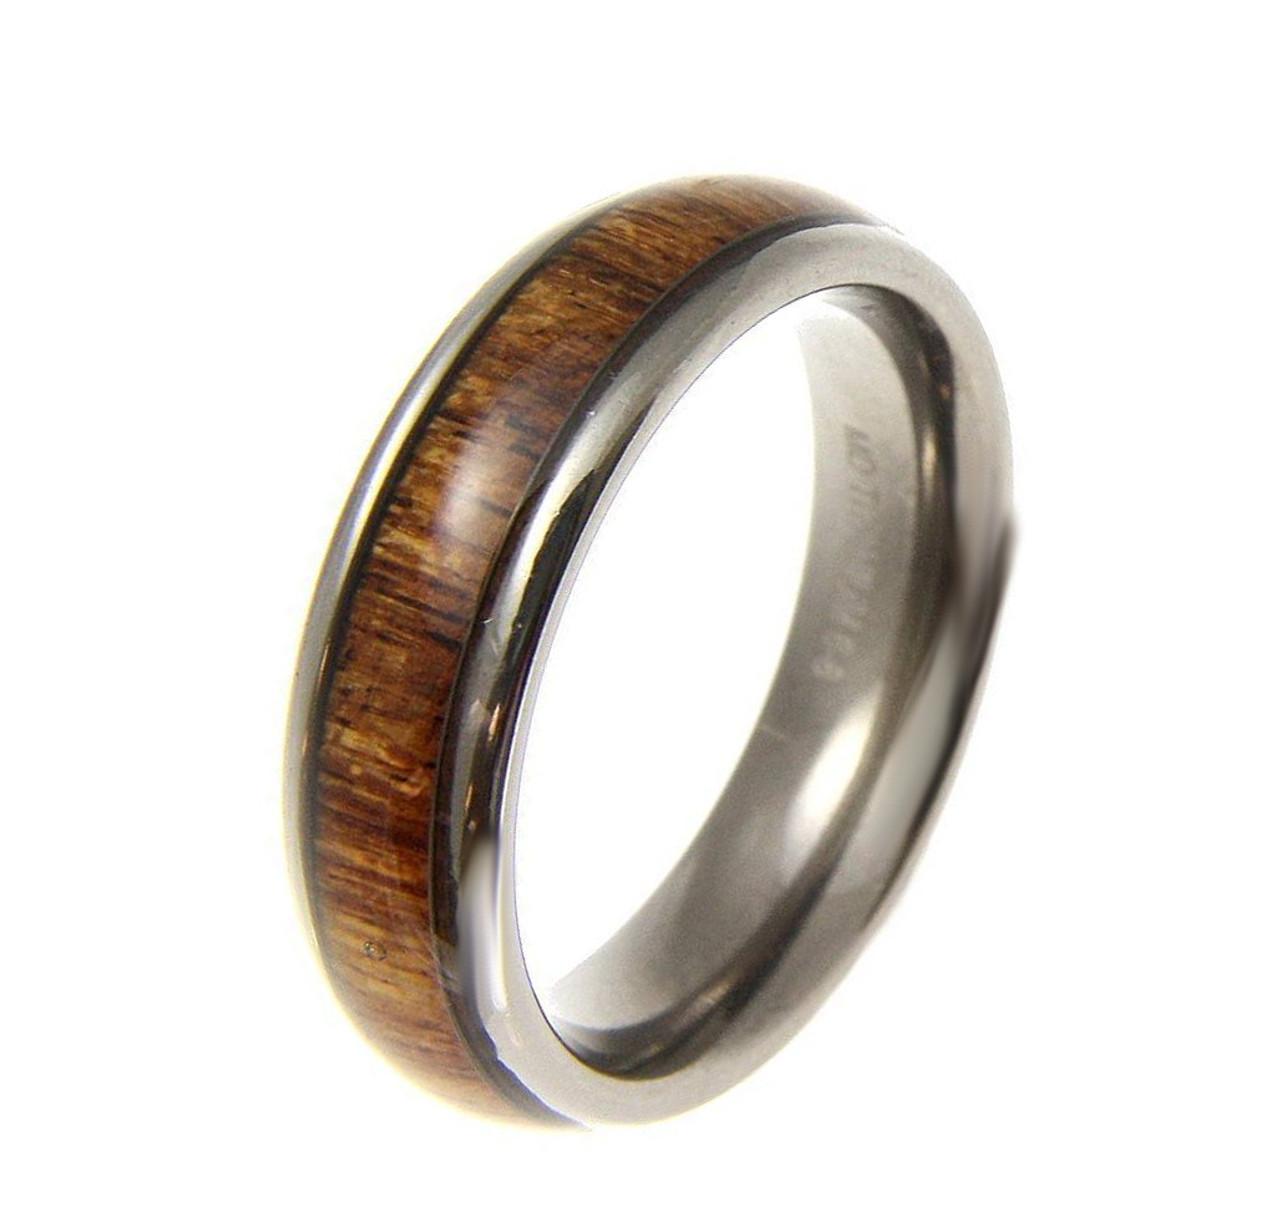 Titanium Wedding Band With Hawaiian Koa Wood Inlay Dome Style: Koa Inlay Wedding Ring At Websimilar.org